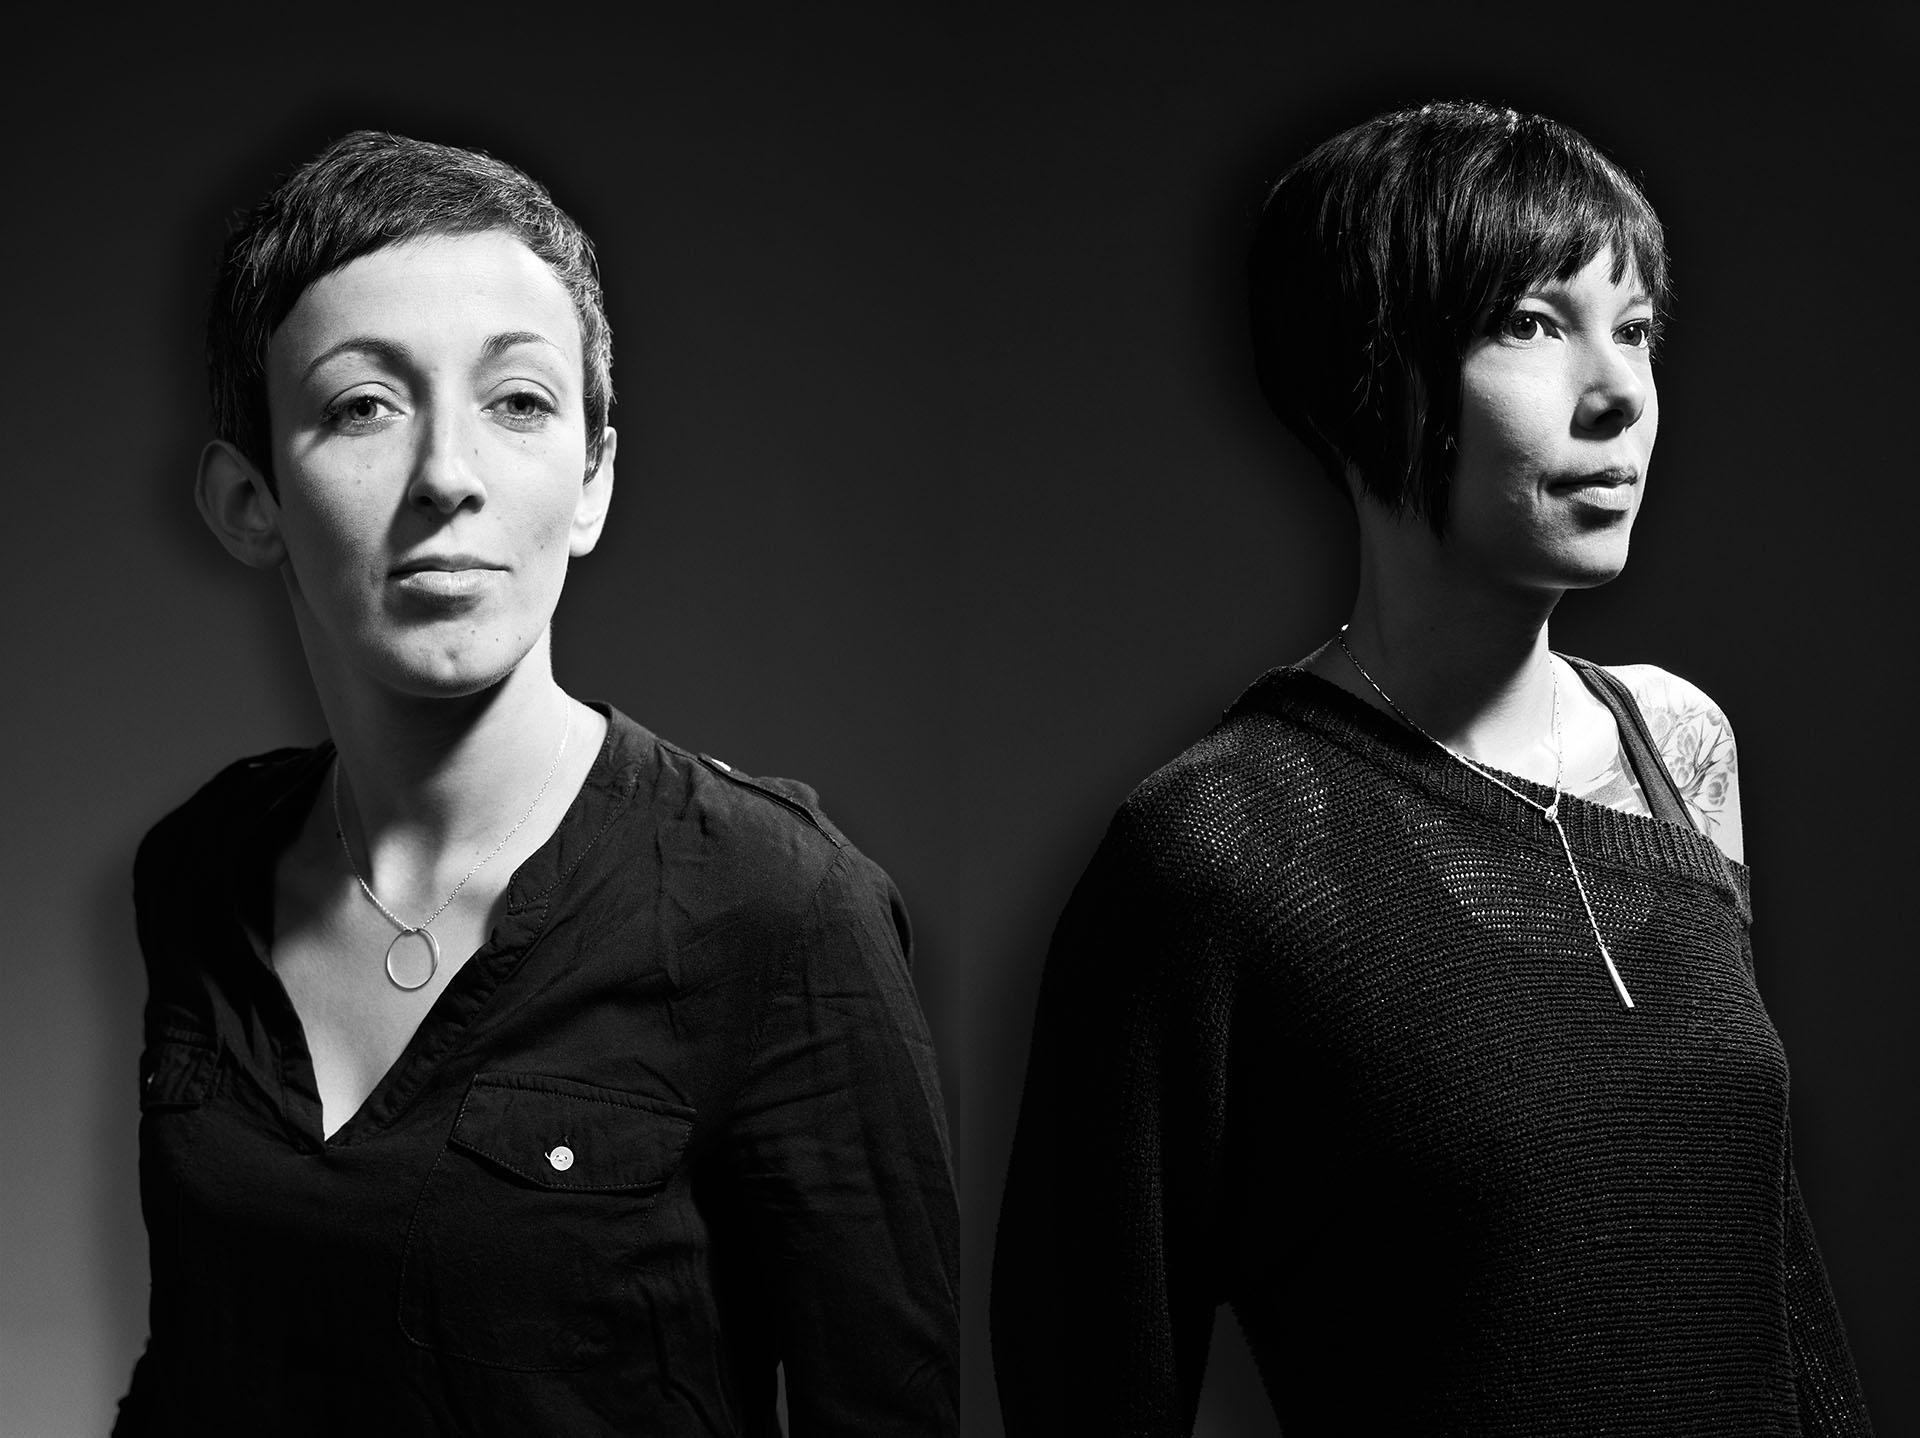 Armelle Thévenot & Magali Chrétien - Amazing Architecture - 2014